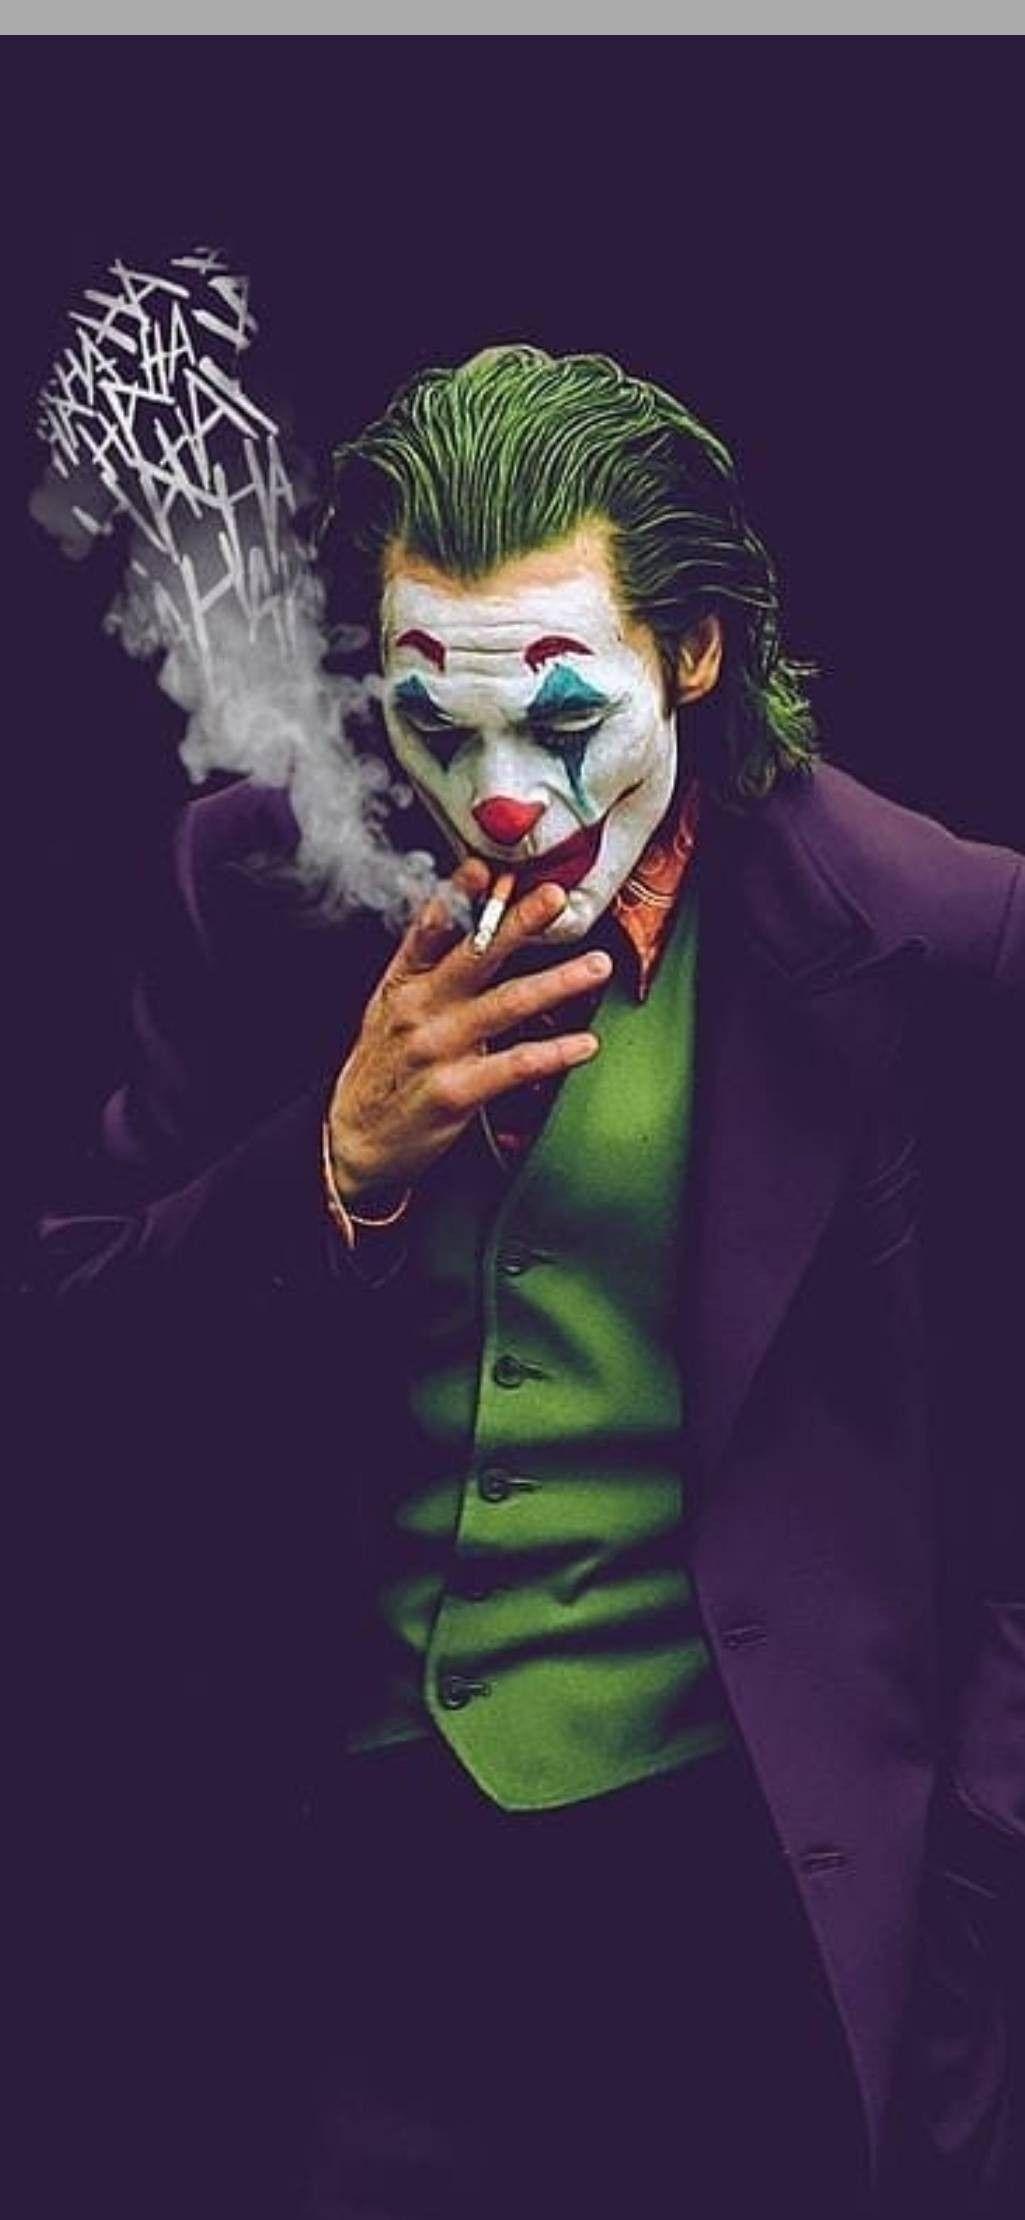 Pin Oleh Piki Di Joker Di 2020 Dengan Gambar Gambar Karakter